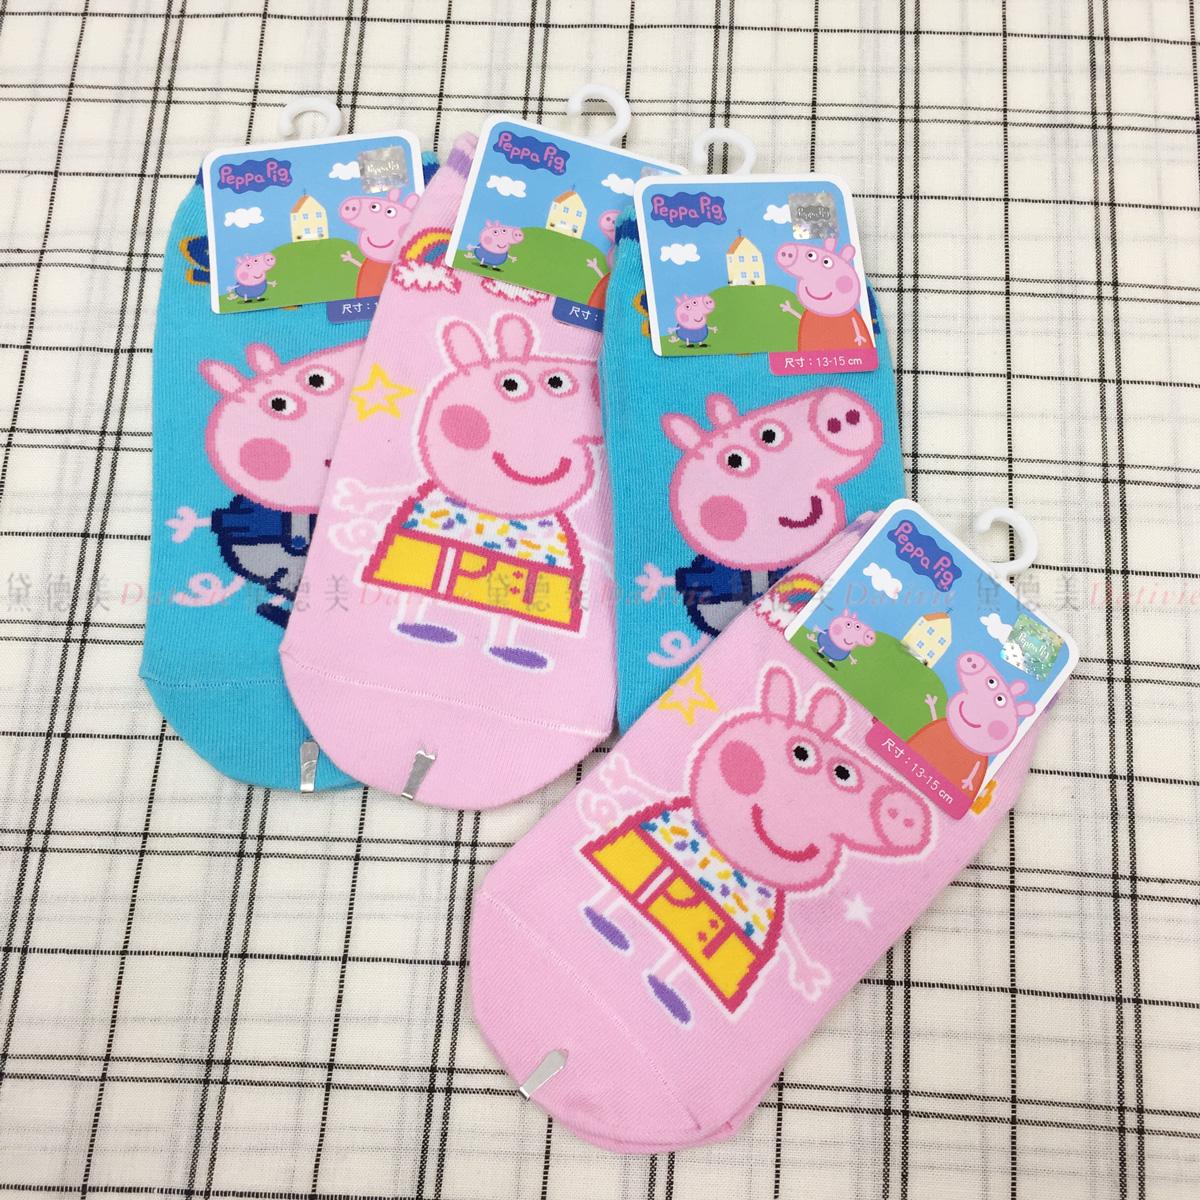 粉紅小豬直版襪 佩佩豬 喬治 幼童襪子 正版授權